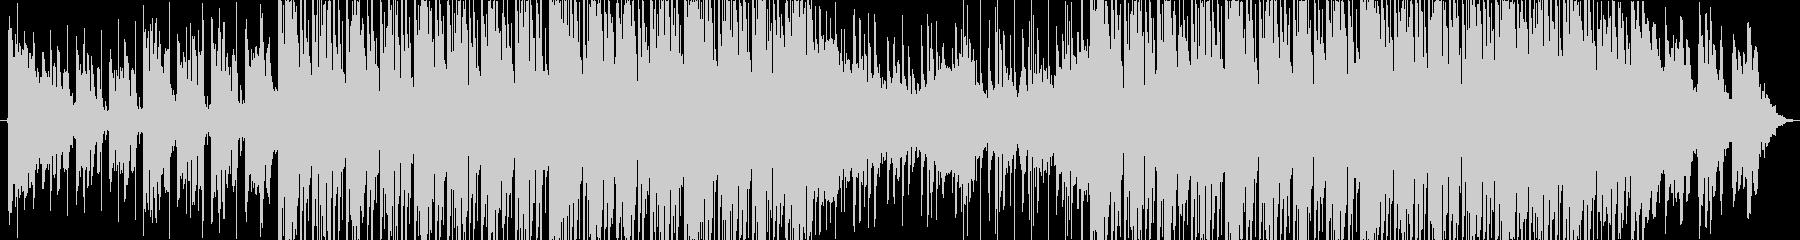 シンセピアノ広告向け切ないハウストラックの未再生の波形